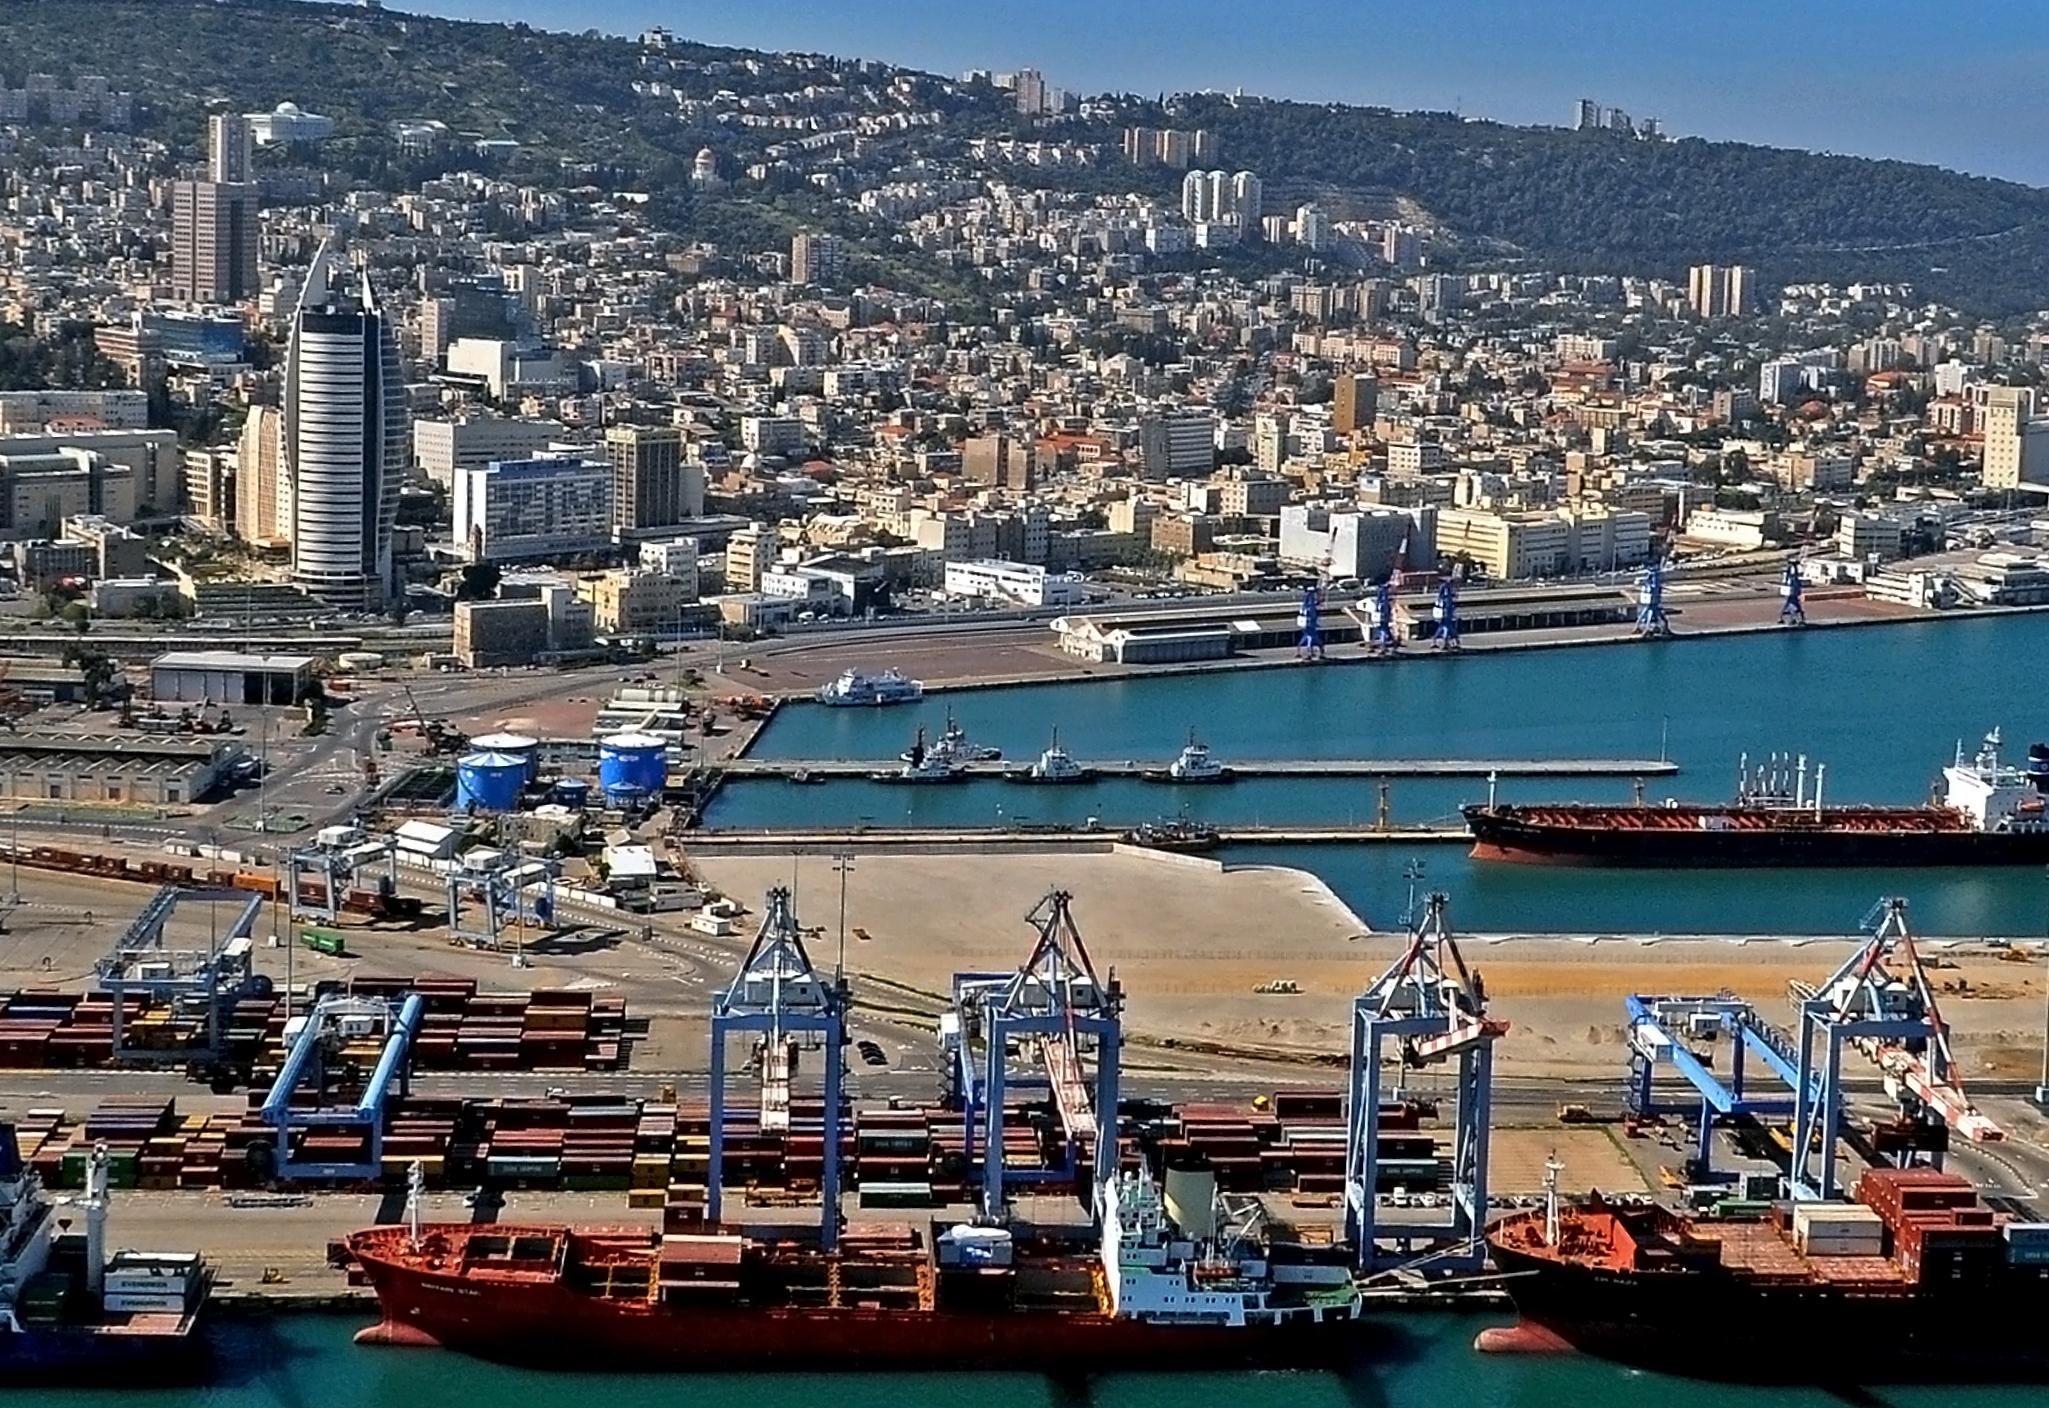 صوره حيفا عروس البحر , اكبر مدينة فلسطينية